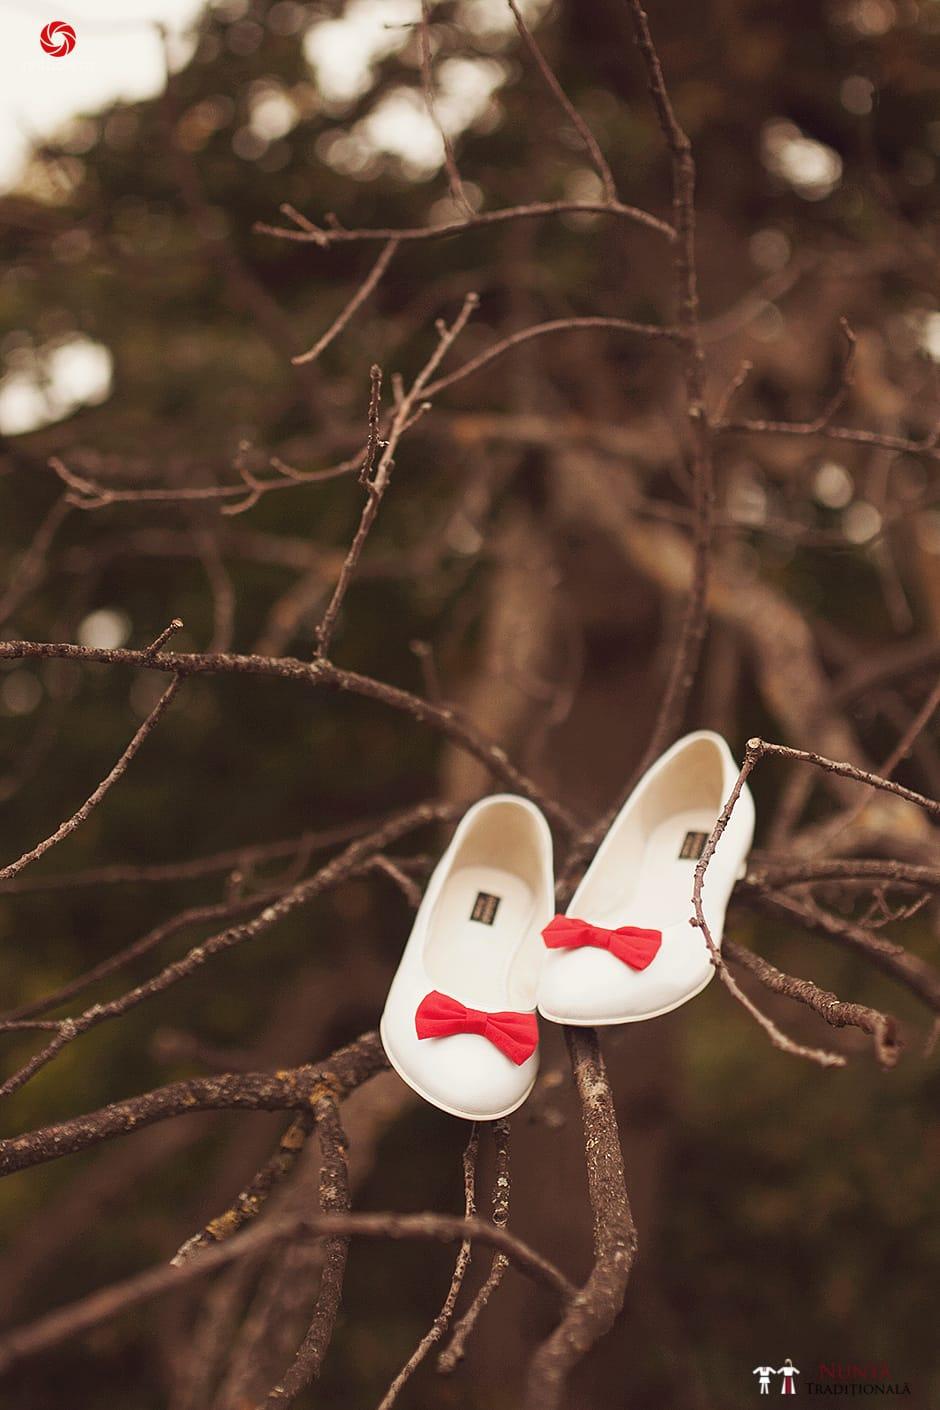 Povești Nunți Tradiționale - Ionatan și Andrea - Nuntă în Crișana. Să ne îmbătăm cu veselia nunții, în culorile toamnei 77